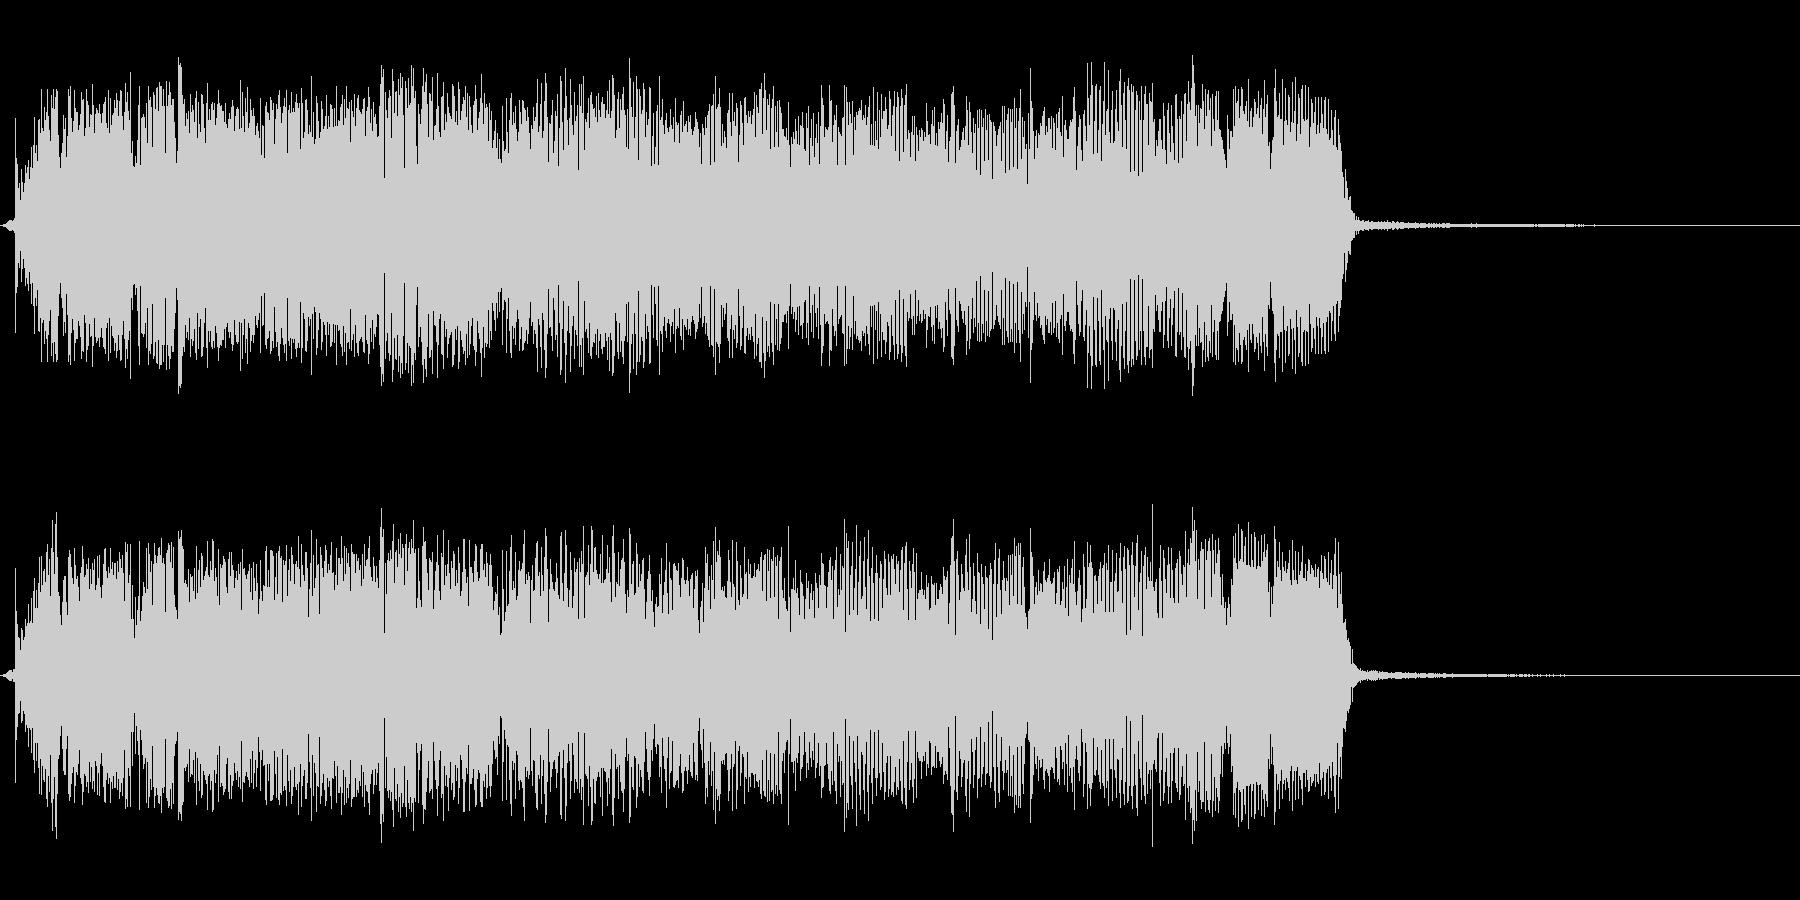 タイトル、ゲーム等のギターリフジングル長の未再生の波形